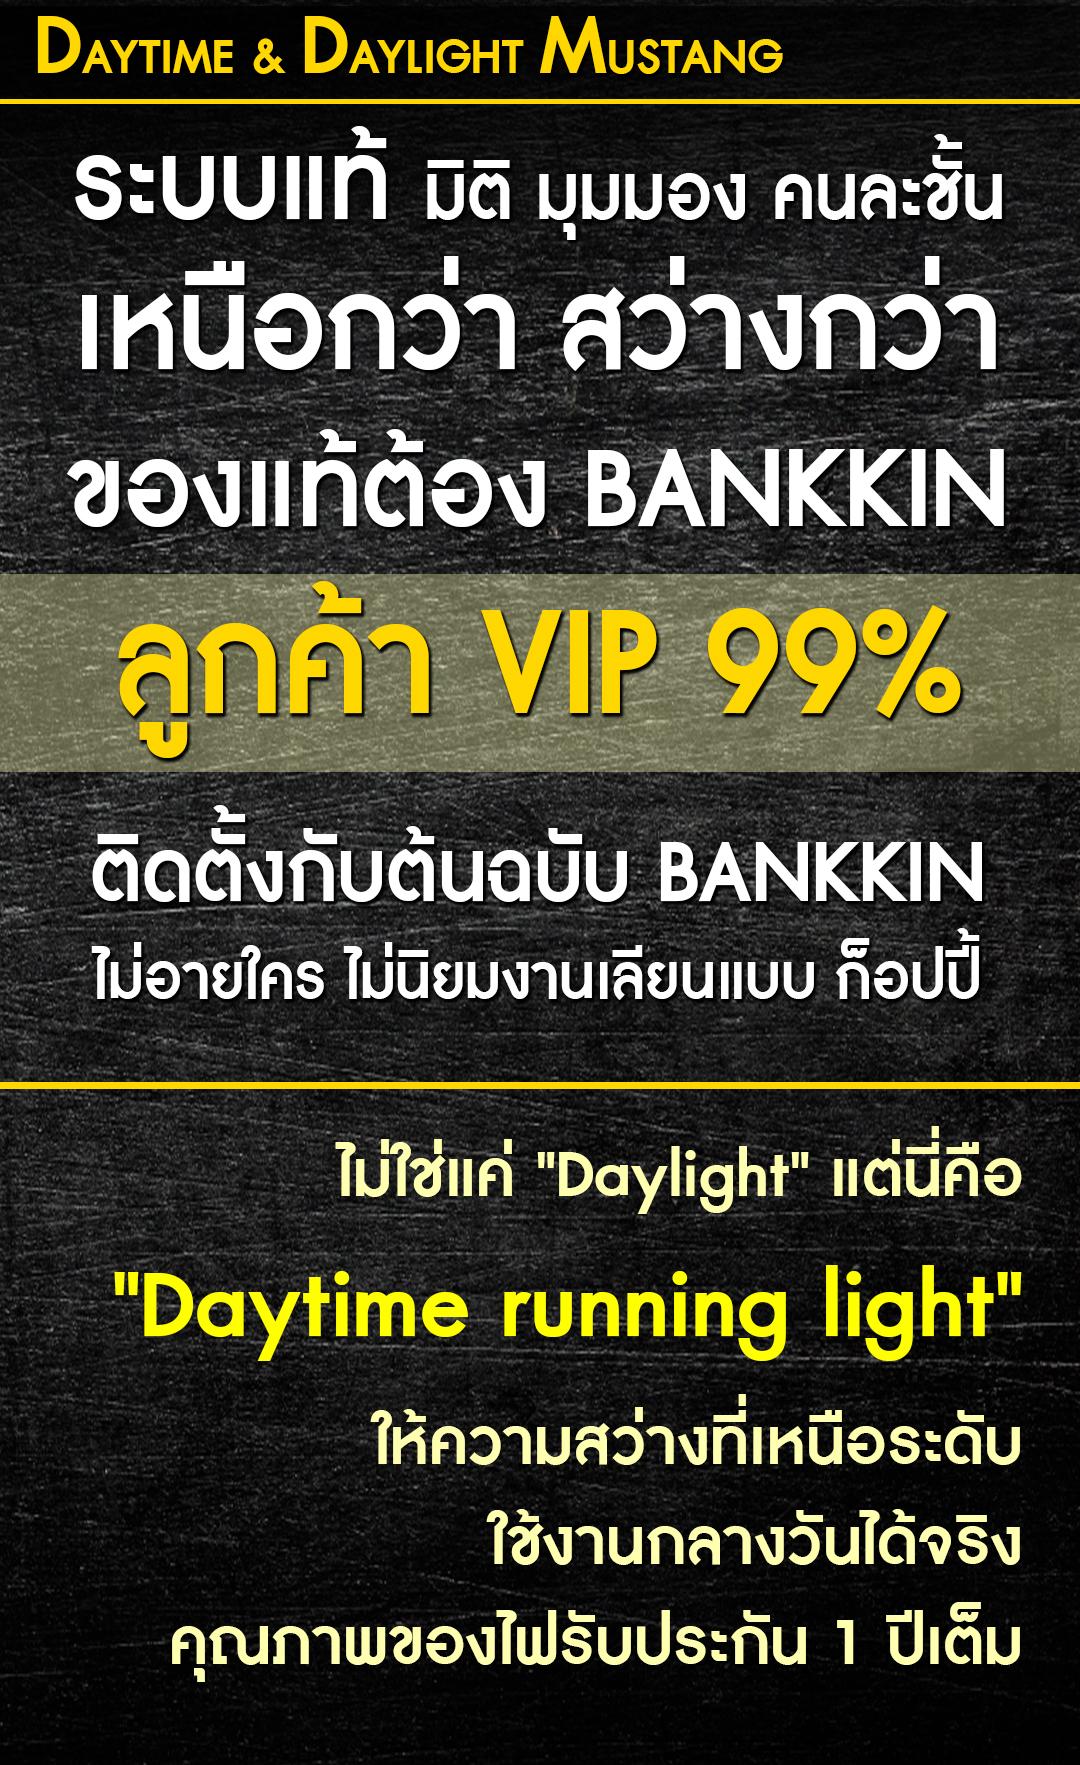 """...ลูกค้า VIP 99% ติดตั้งกับต้นฉบับ BANKKIN ไม่อายใคร ไม่นิยมงานเลียนแบบ ก็อปปี้ ‼ไม่ใช่แค่ """"Daylight"""" แต่นี่คือ """"Daytime running light"""" ให้ความสว่างที่เหนือระดับ ใช้งานกลางวันได้จริง คุณภาพของไฟรับประกัน 1 ปีเต็ม"""